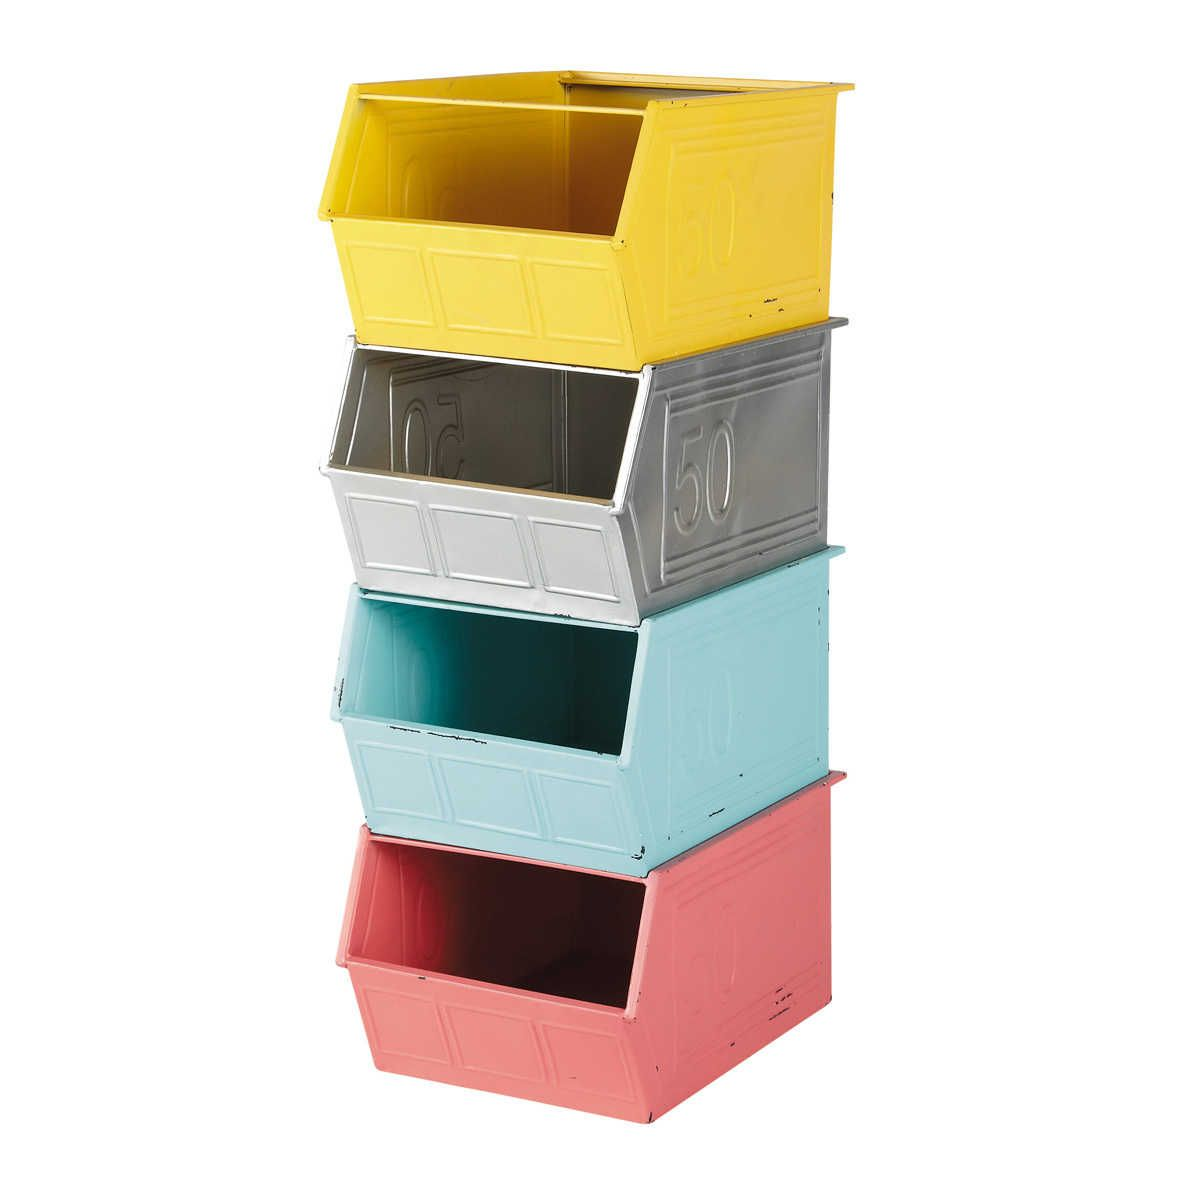 casier metalique casier metallique consigne colonne portes with casier metalique latest. Black Bedroom Furniture Sets. Home Design Ideas